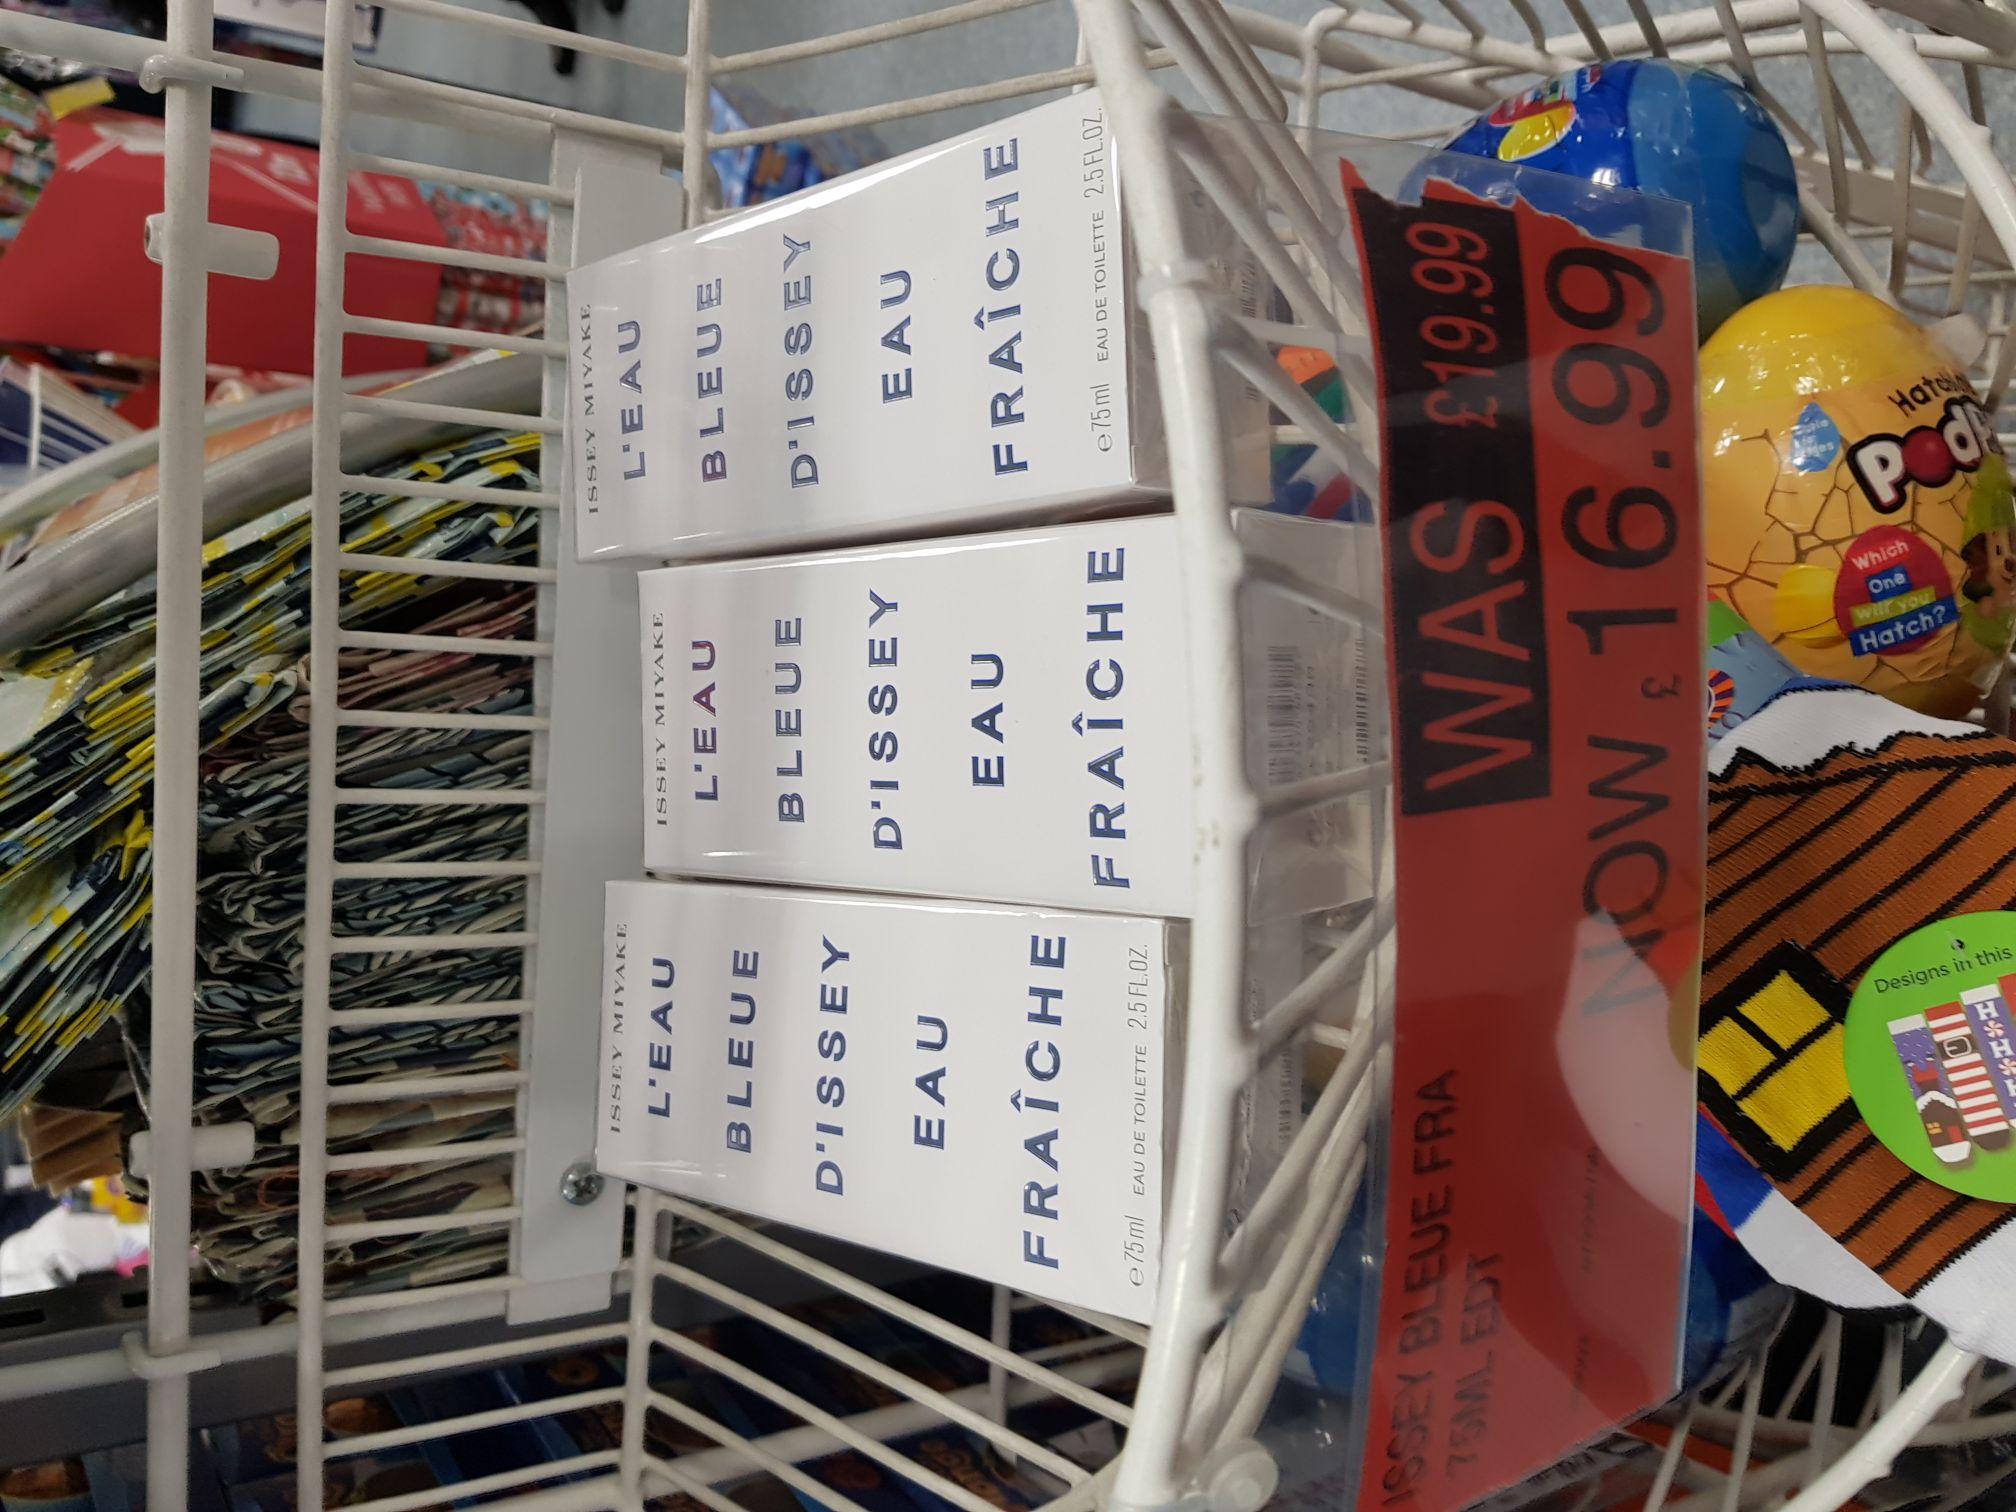 Issey MiyakeBleue Eau Fraiche 16.99£ ! It is a bargain - B&M